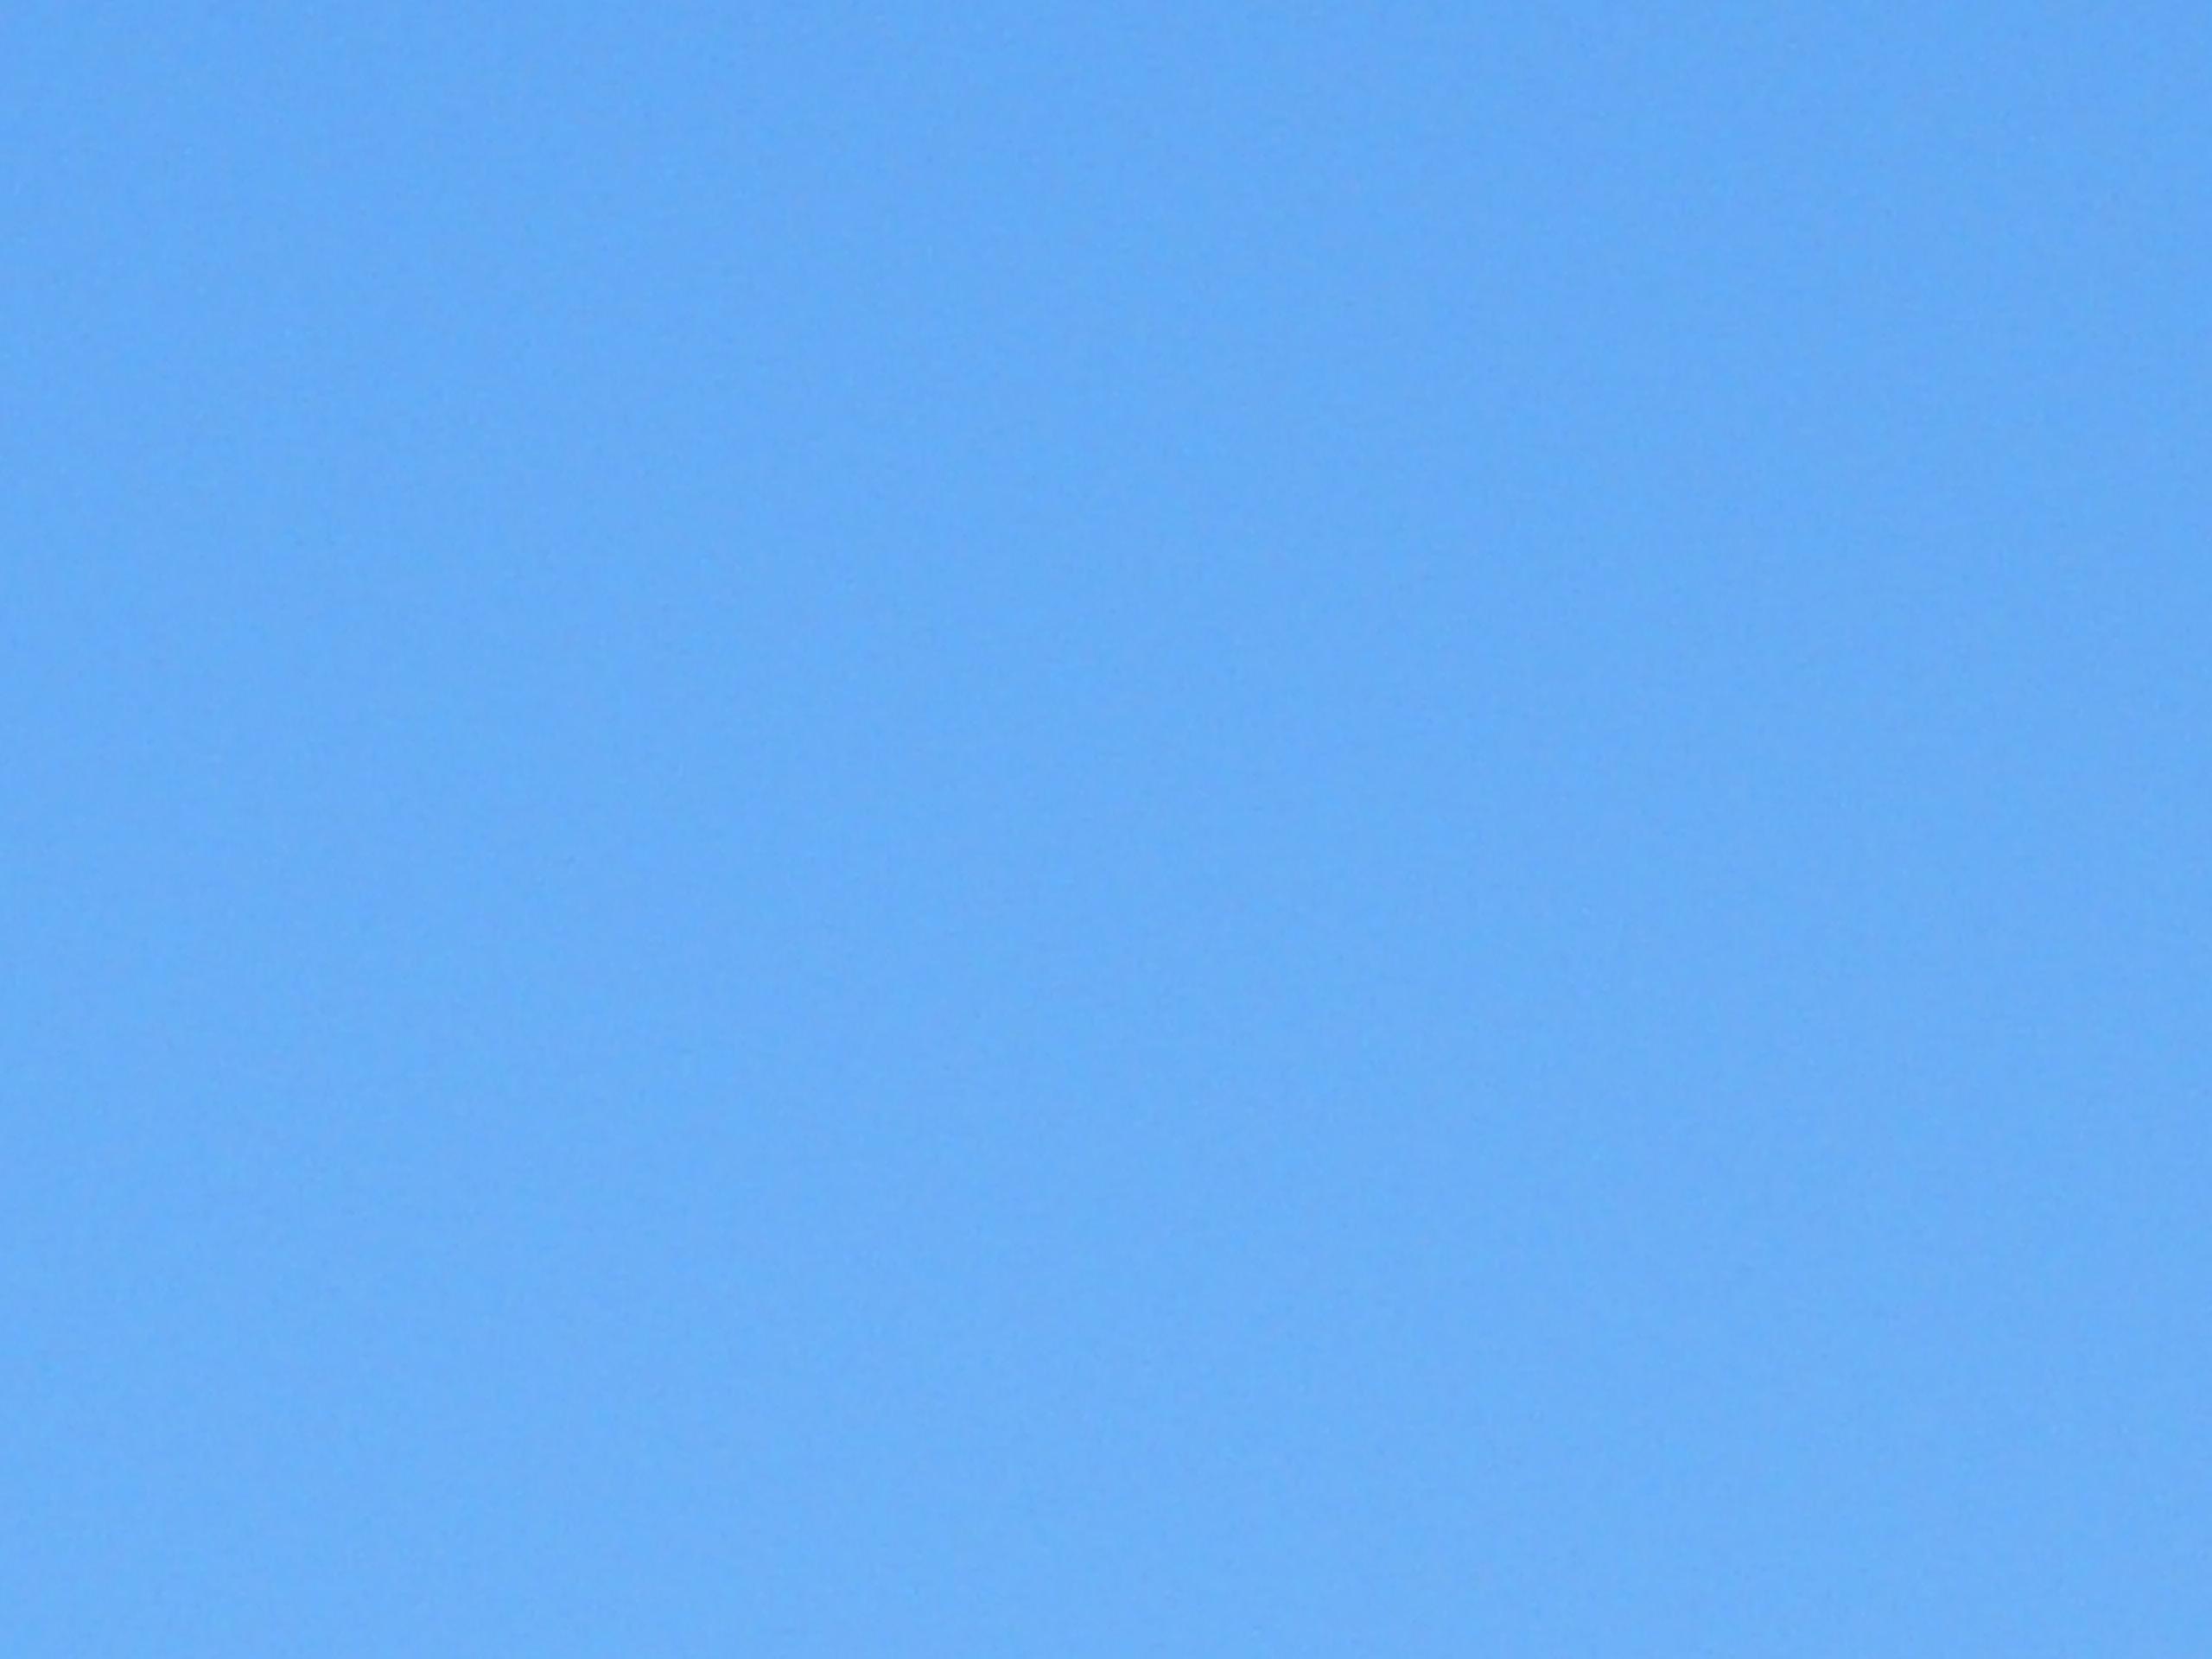 Tienes Algun Color Favorito Por Que Pagina 3 Forocoches - Color-azul-celeste